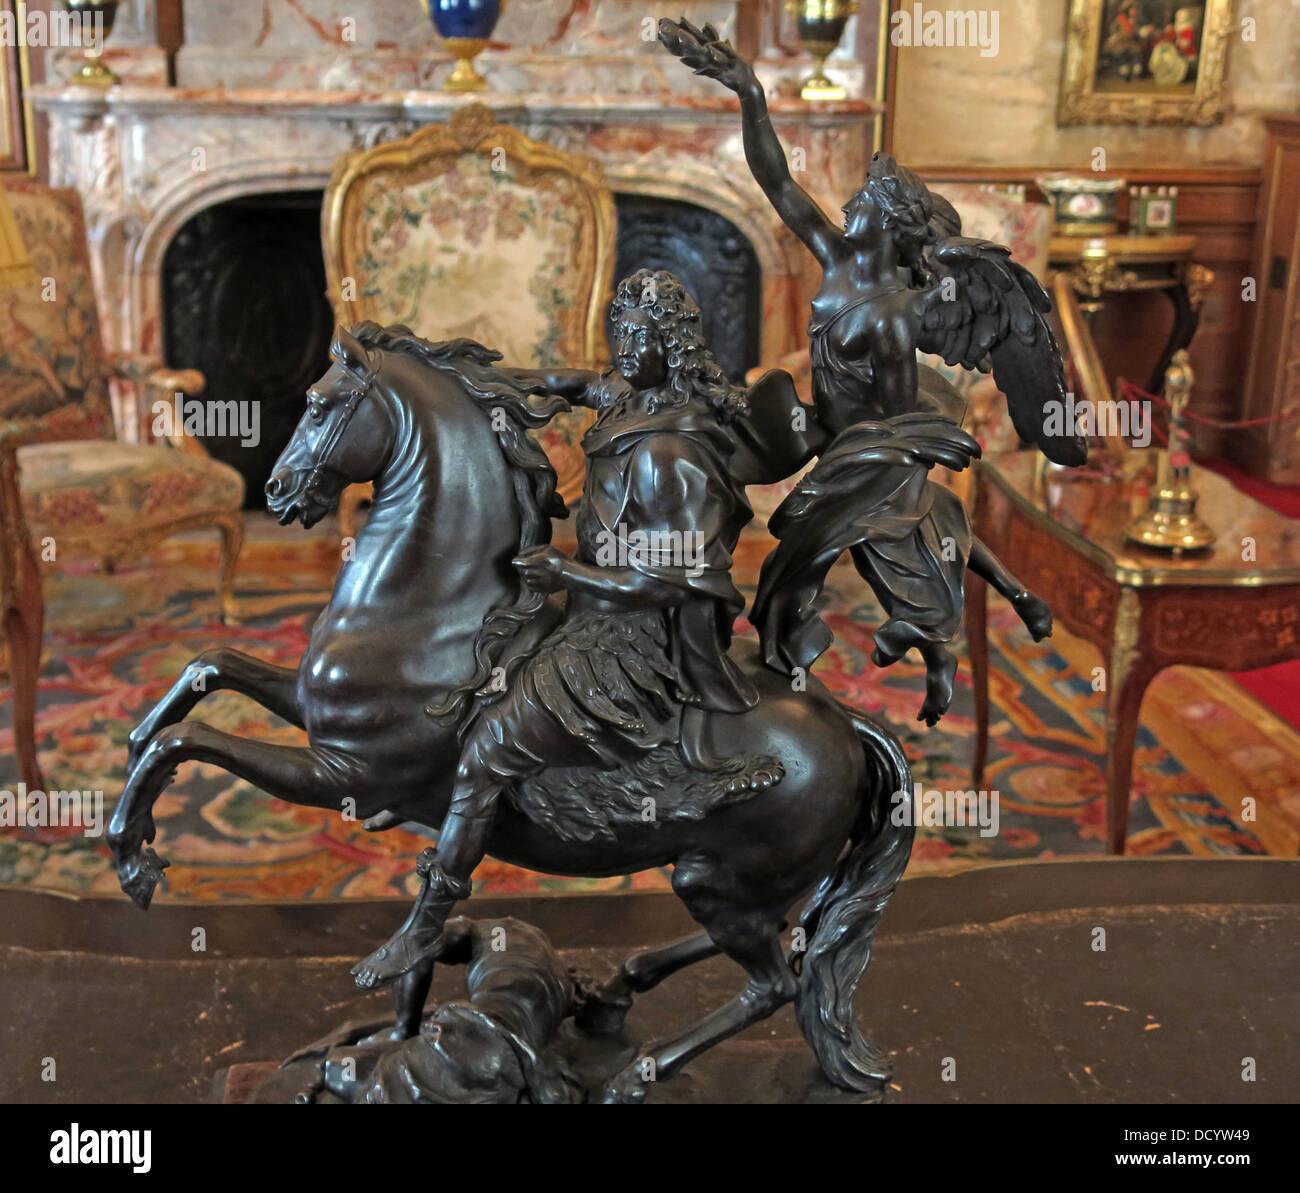 Laden Sie dieses Alamy Stockfoto Schwarz gegossen Statue an Waddesdon Manor NT, Böcke, England UK - DCYW49